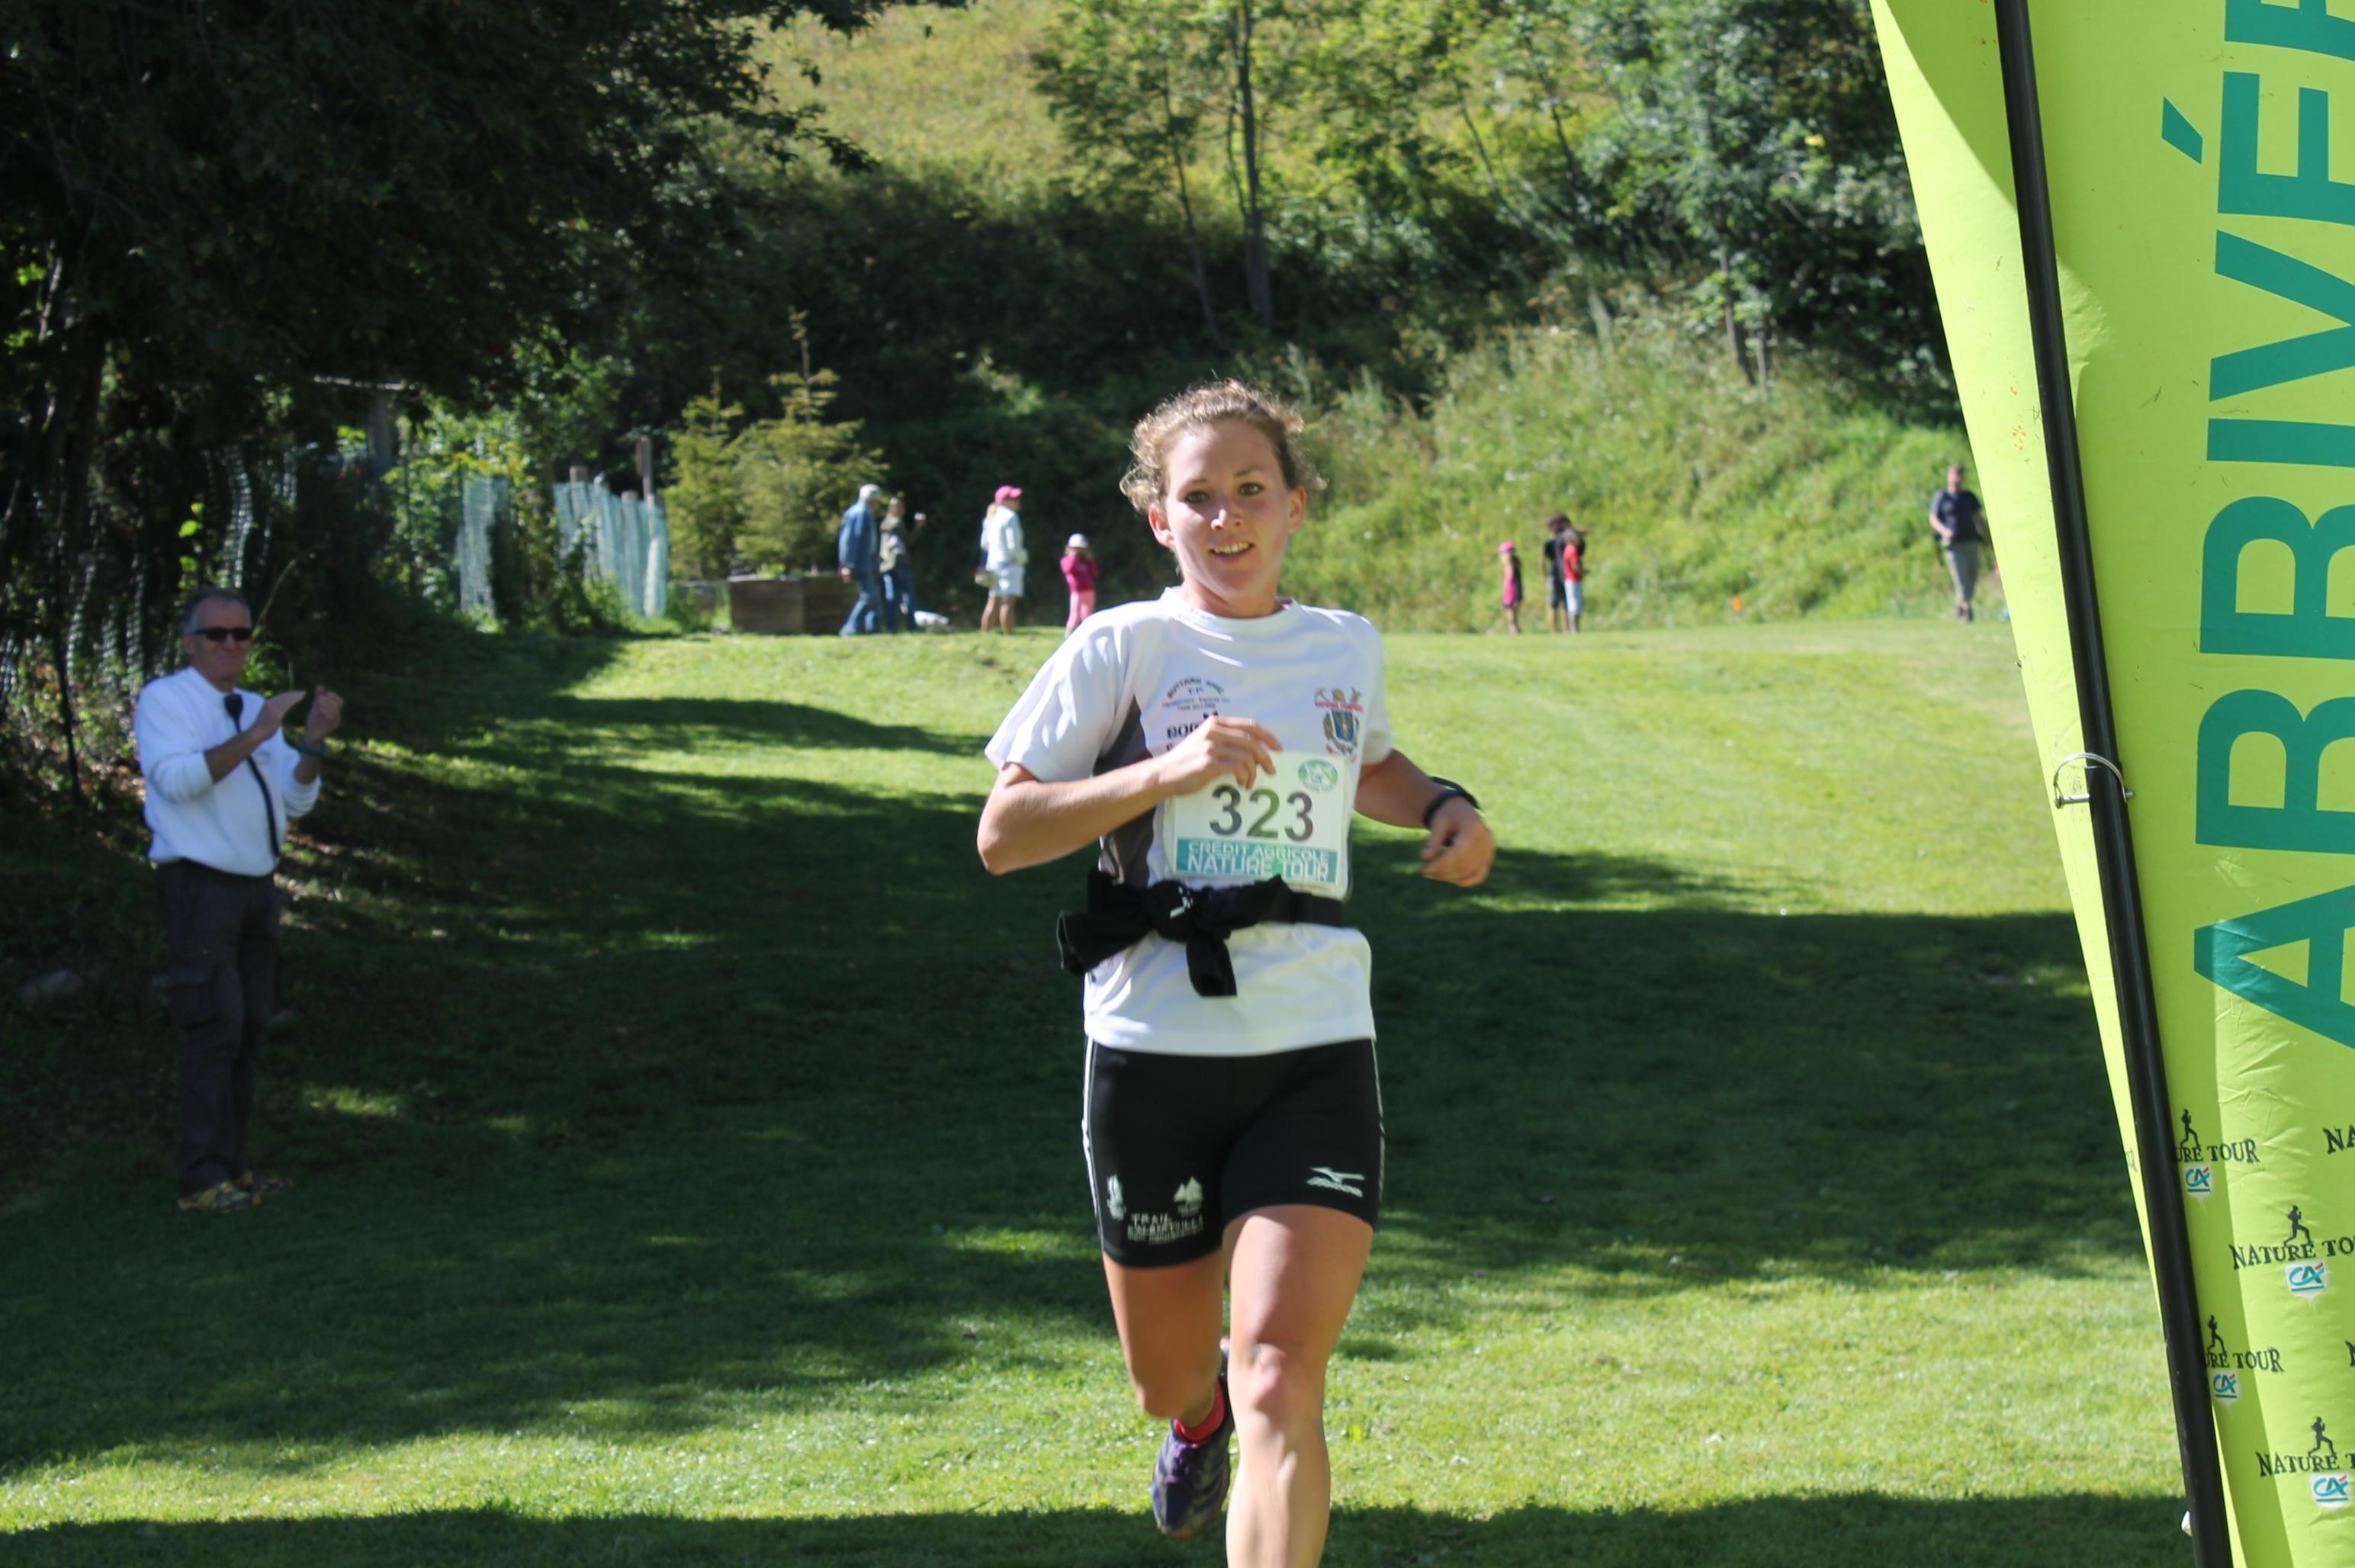 IMG 5187 - Trail du Galibier 2014 : résultats, photos et interview exclusive du vainqueur Ludovic Pommeret (Team Hoka)